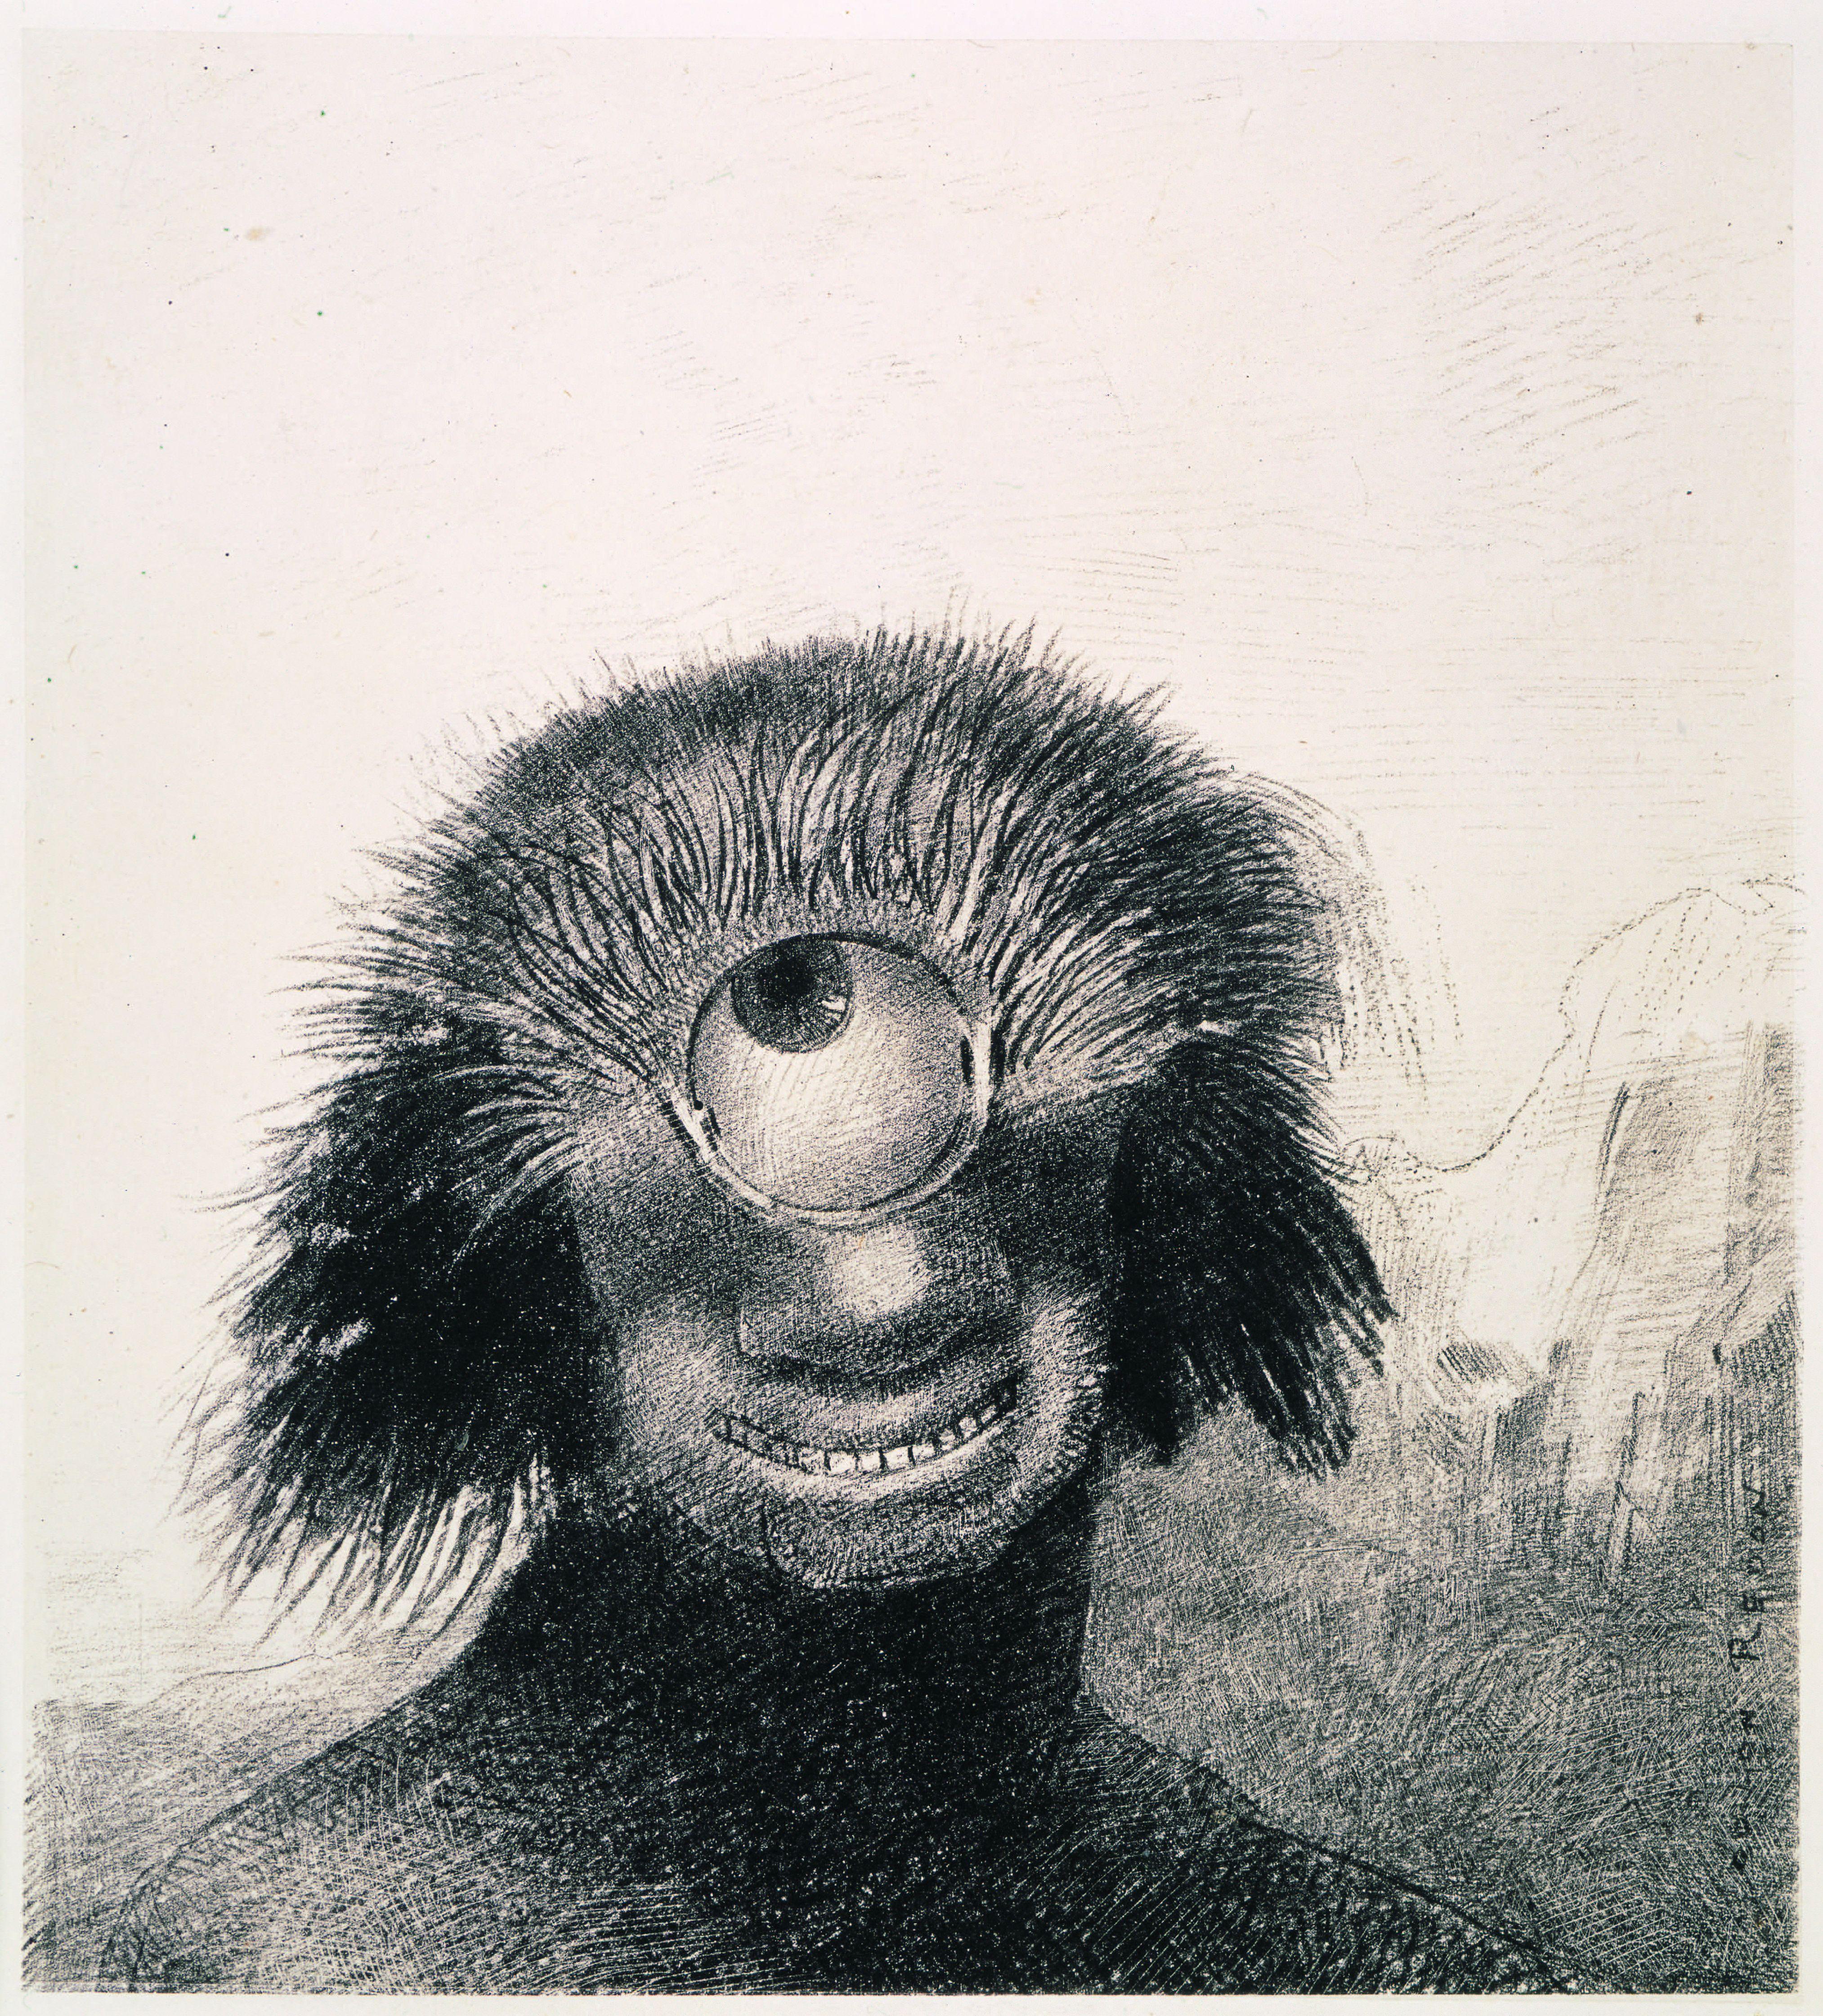 オディロン・ルドンの謎めいた幻想世界を解き明かす「ルドン ひらかれた夢 幻想の世紀末から現代へ」開催